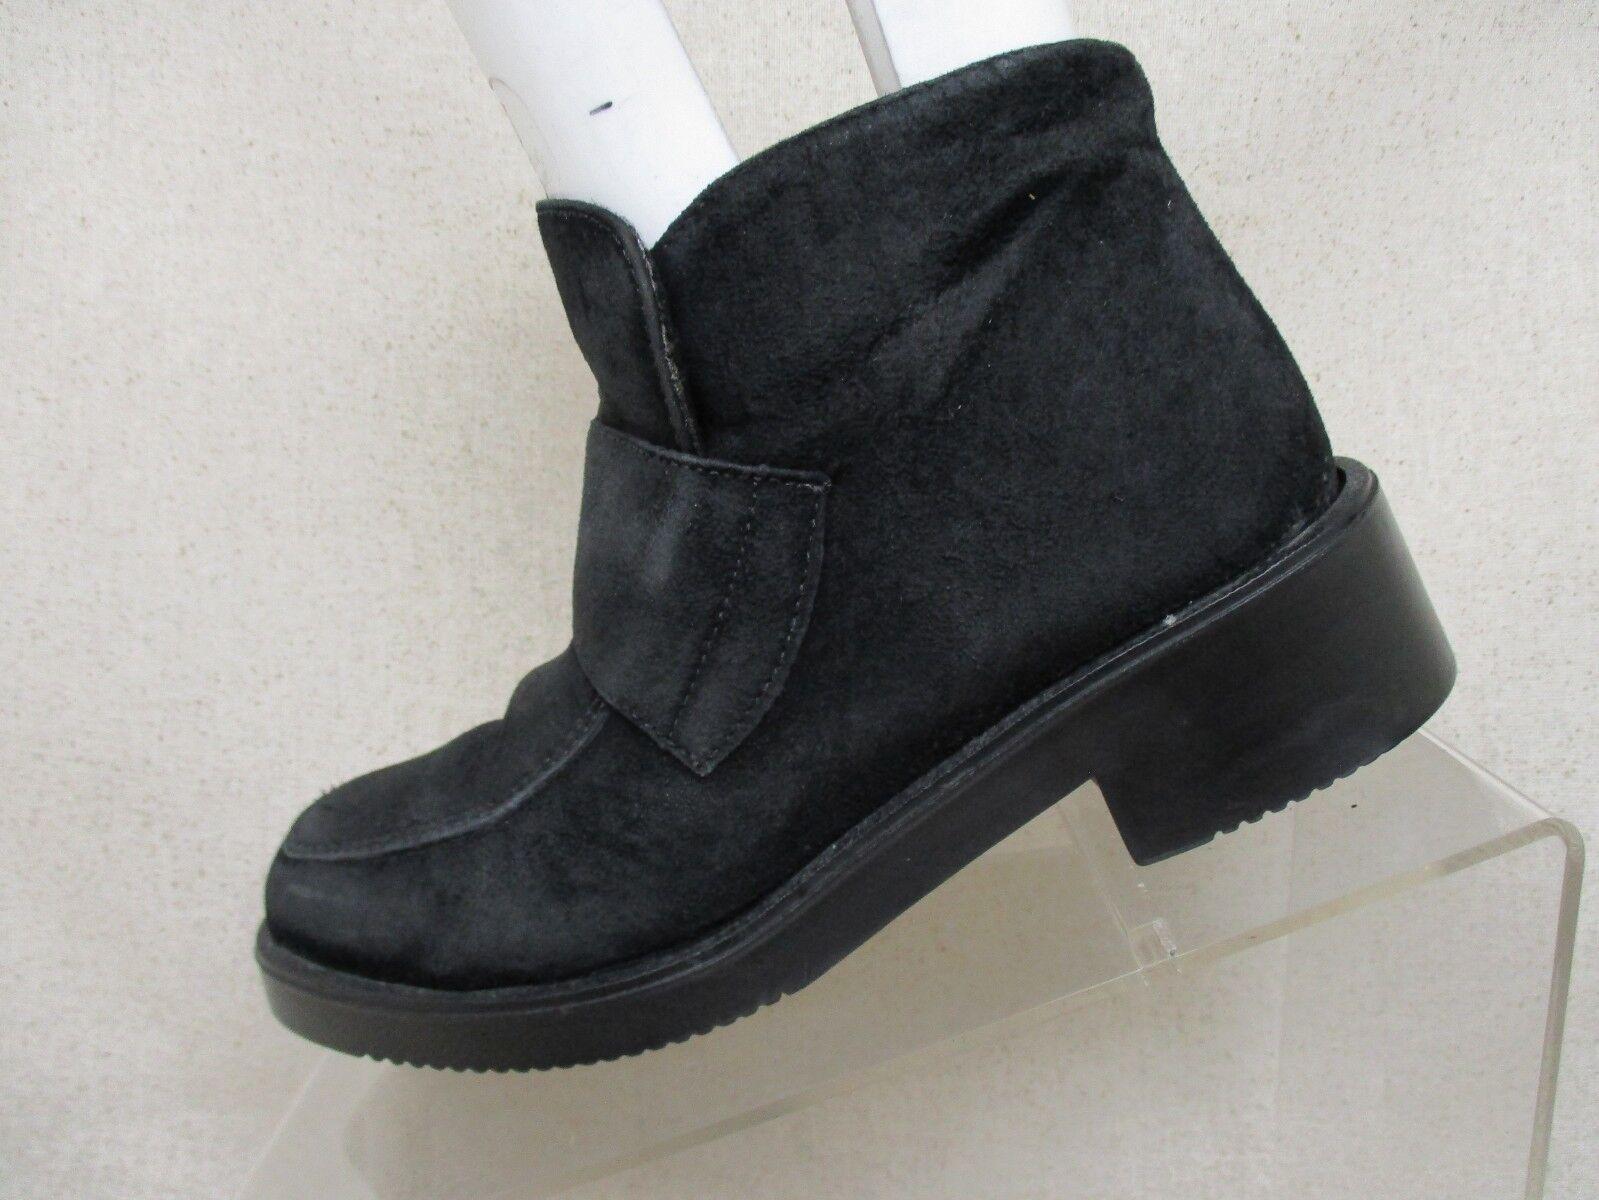 a buon mercato Hush Puppies nero Suede Side Zip Zip Zip Waterproof Ankle Fashion stivali Dimensione 5 M  per il commercio all'ingrosso